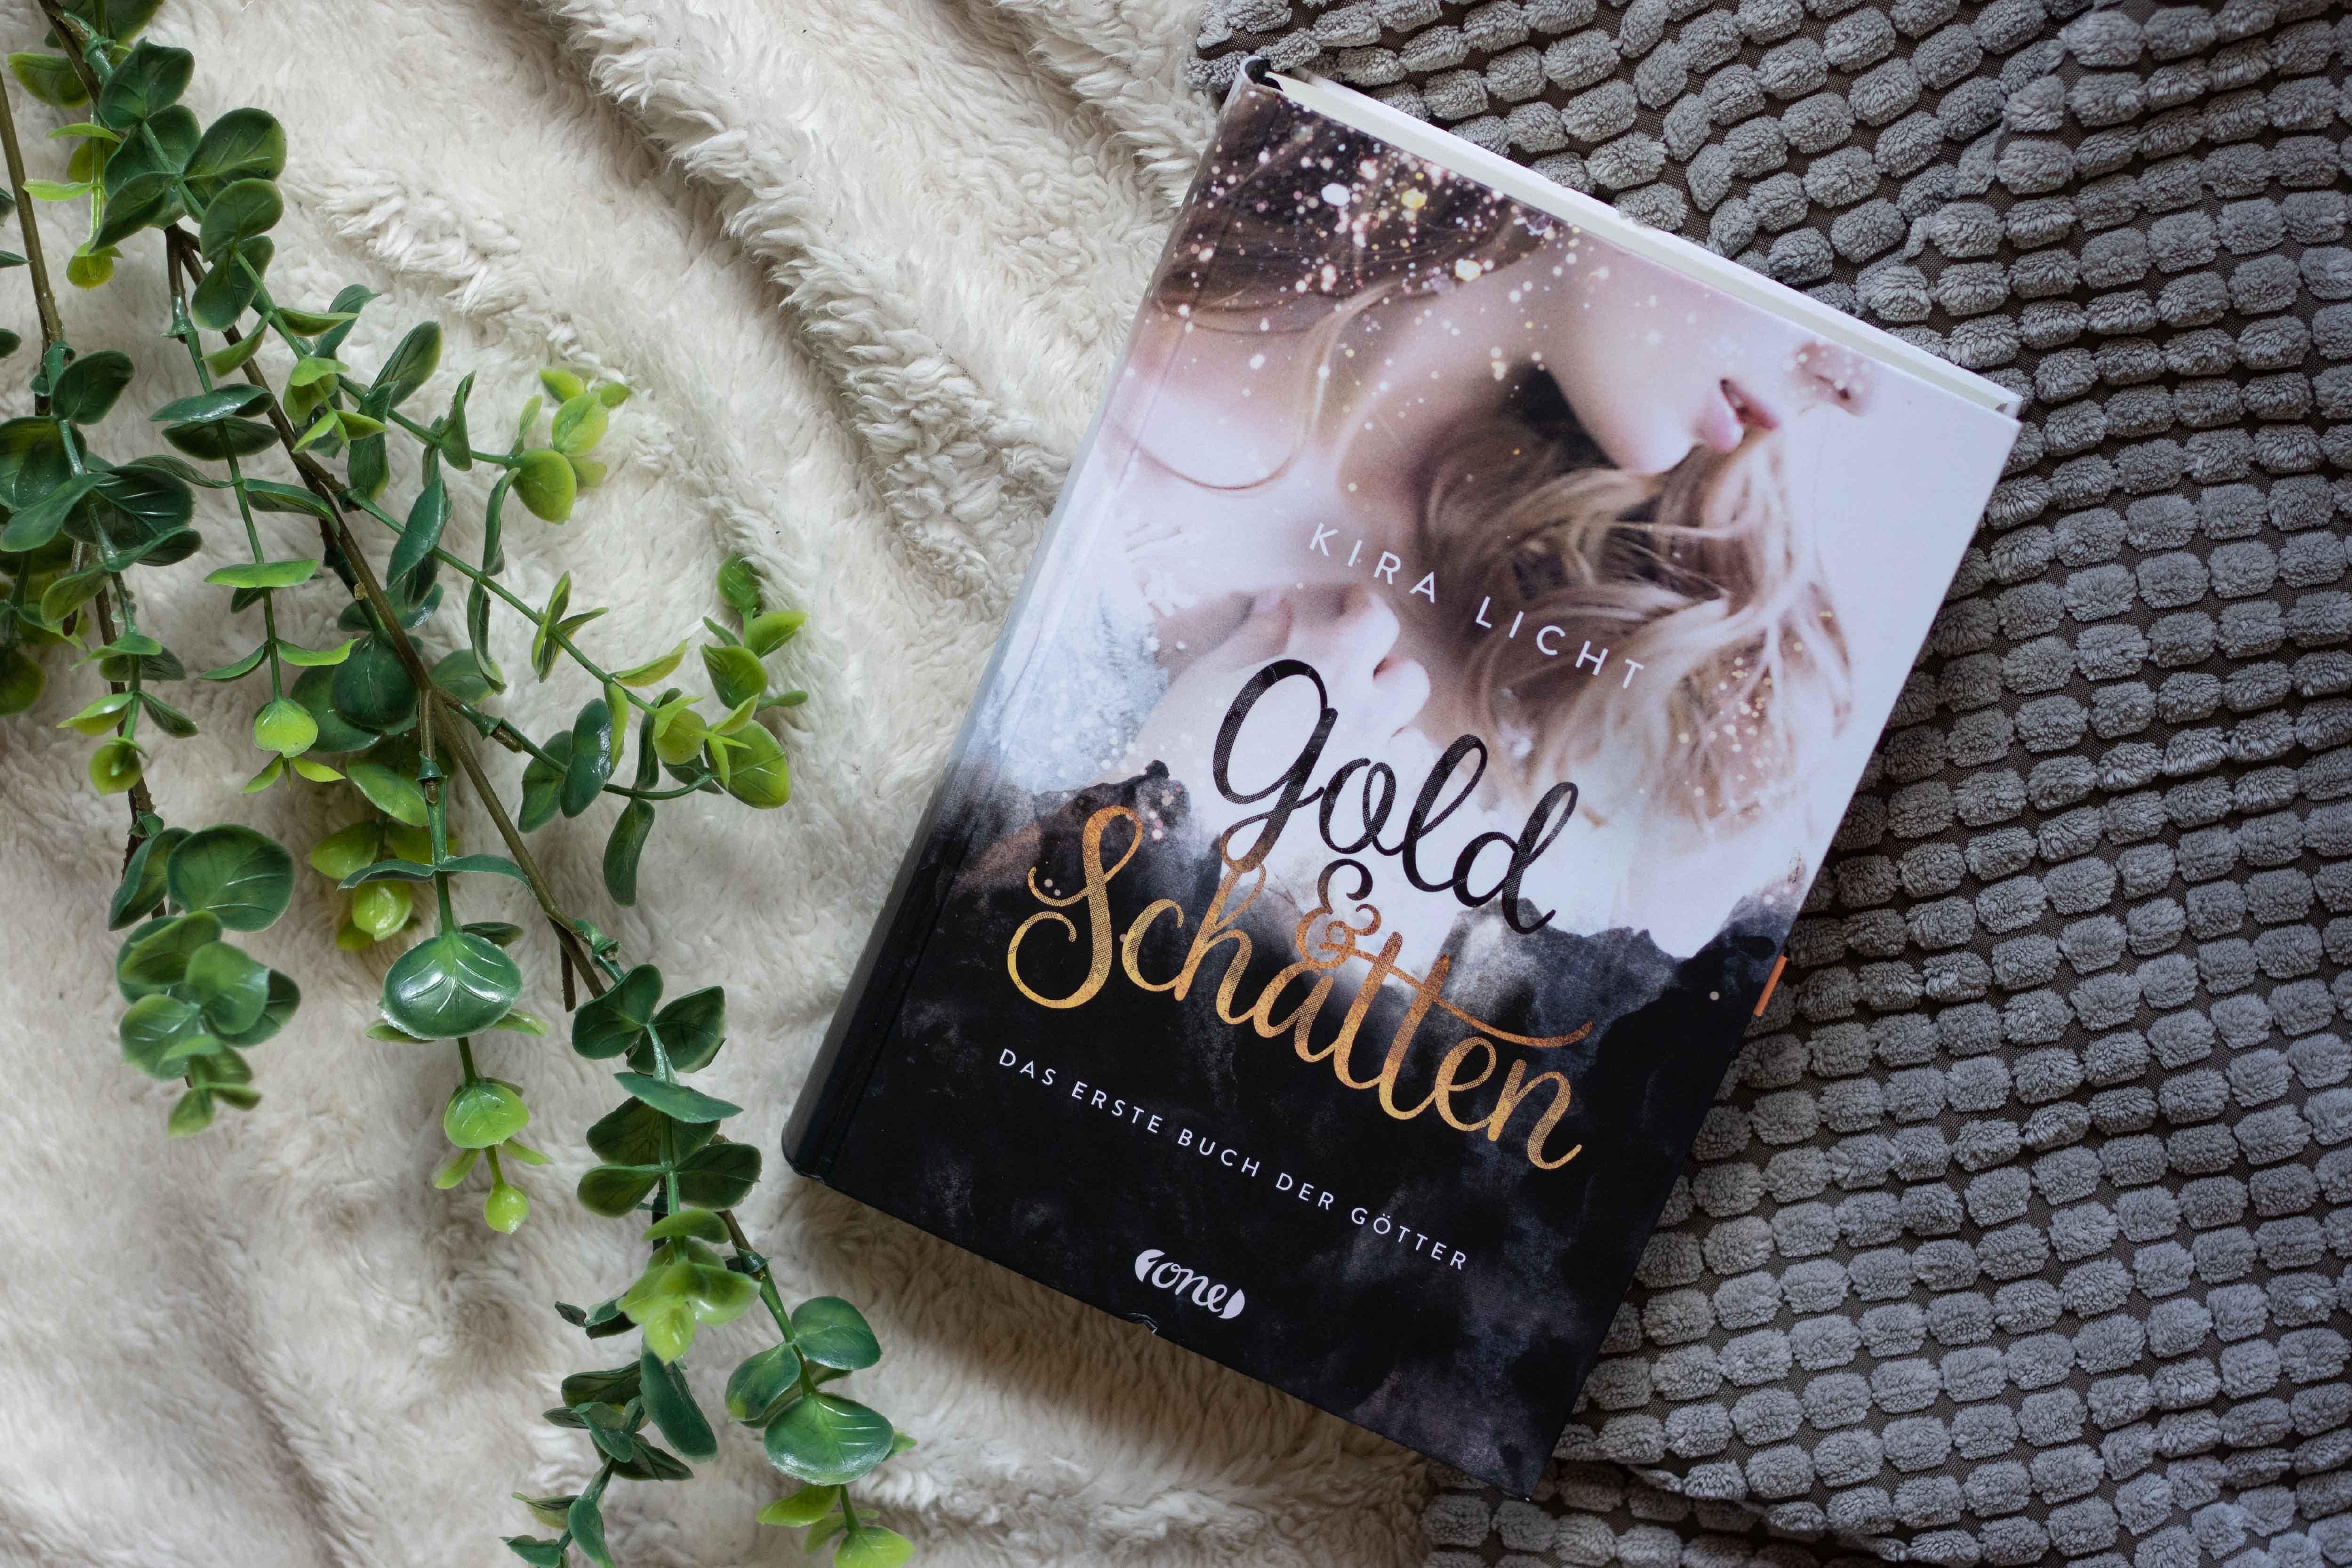 Gold und Schatten | Kira Licht